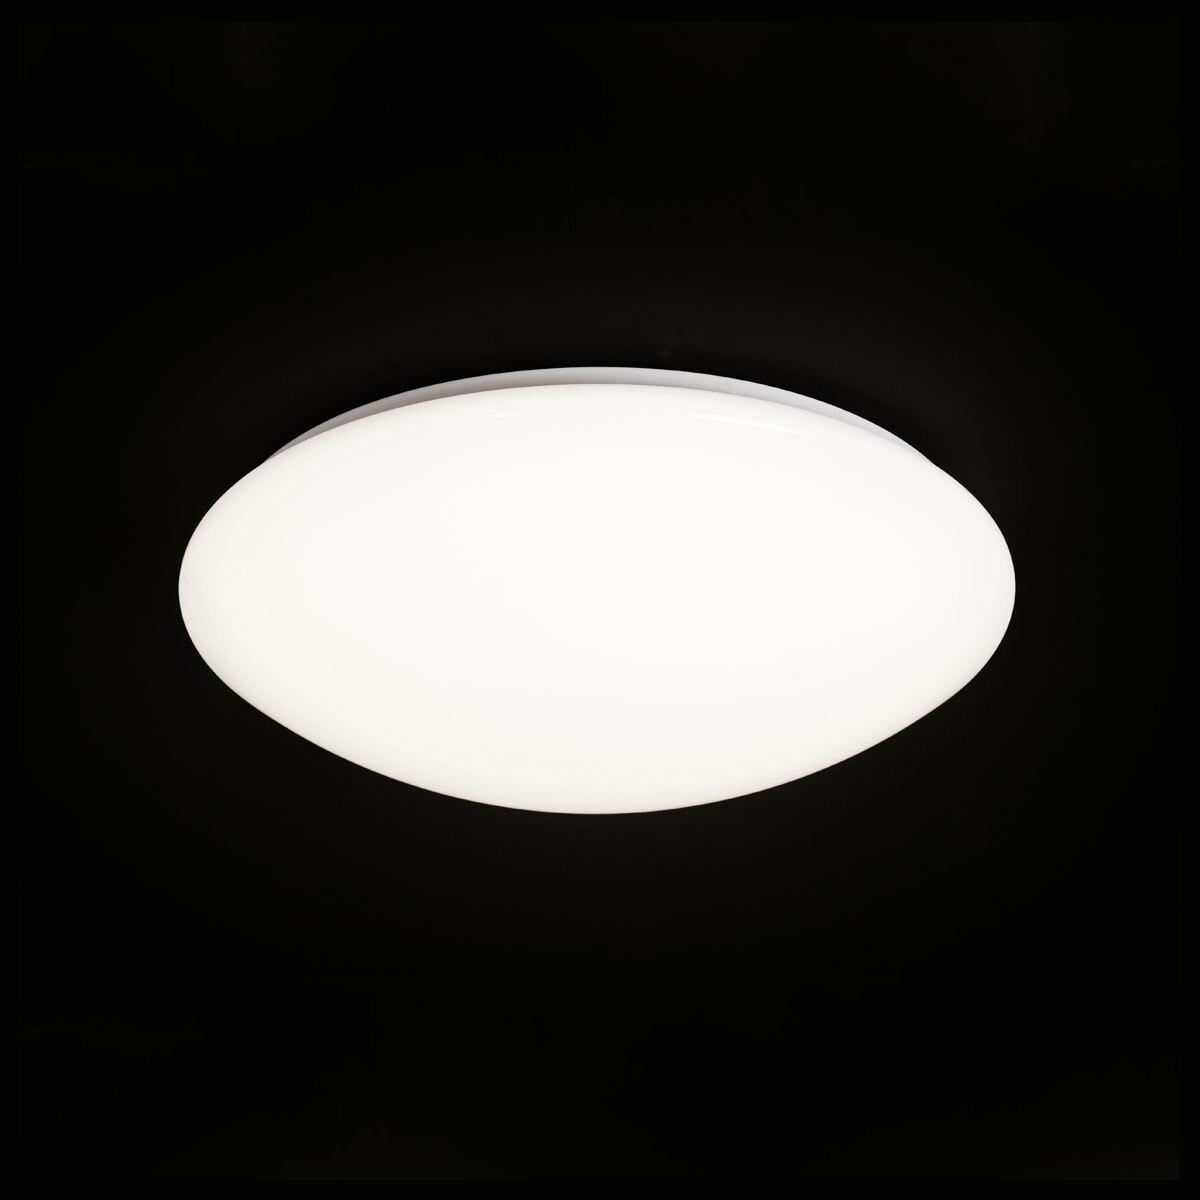 Потолочный светильник Mantra ZERO 5411, E27, 60 Вт